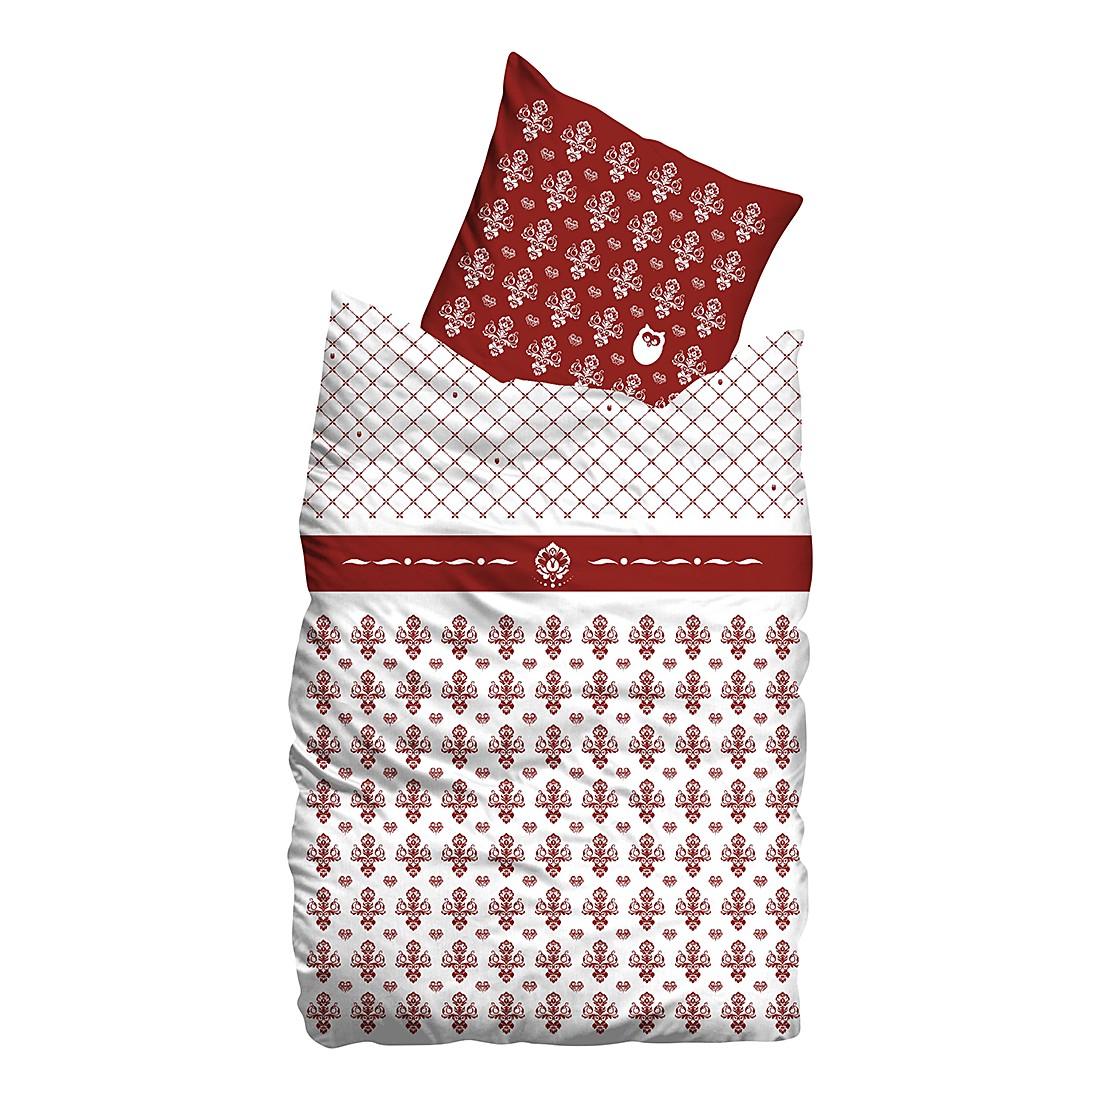 Linon Bettwäsche Flourish - Weiß / Rot - 155 x 220 cm + Kissen 80 x 80 cm, Suenos